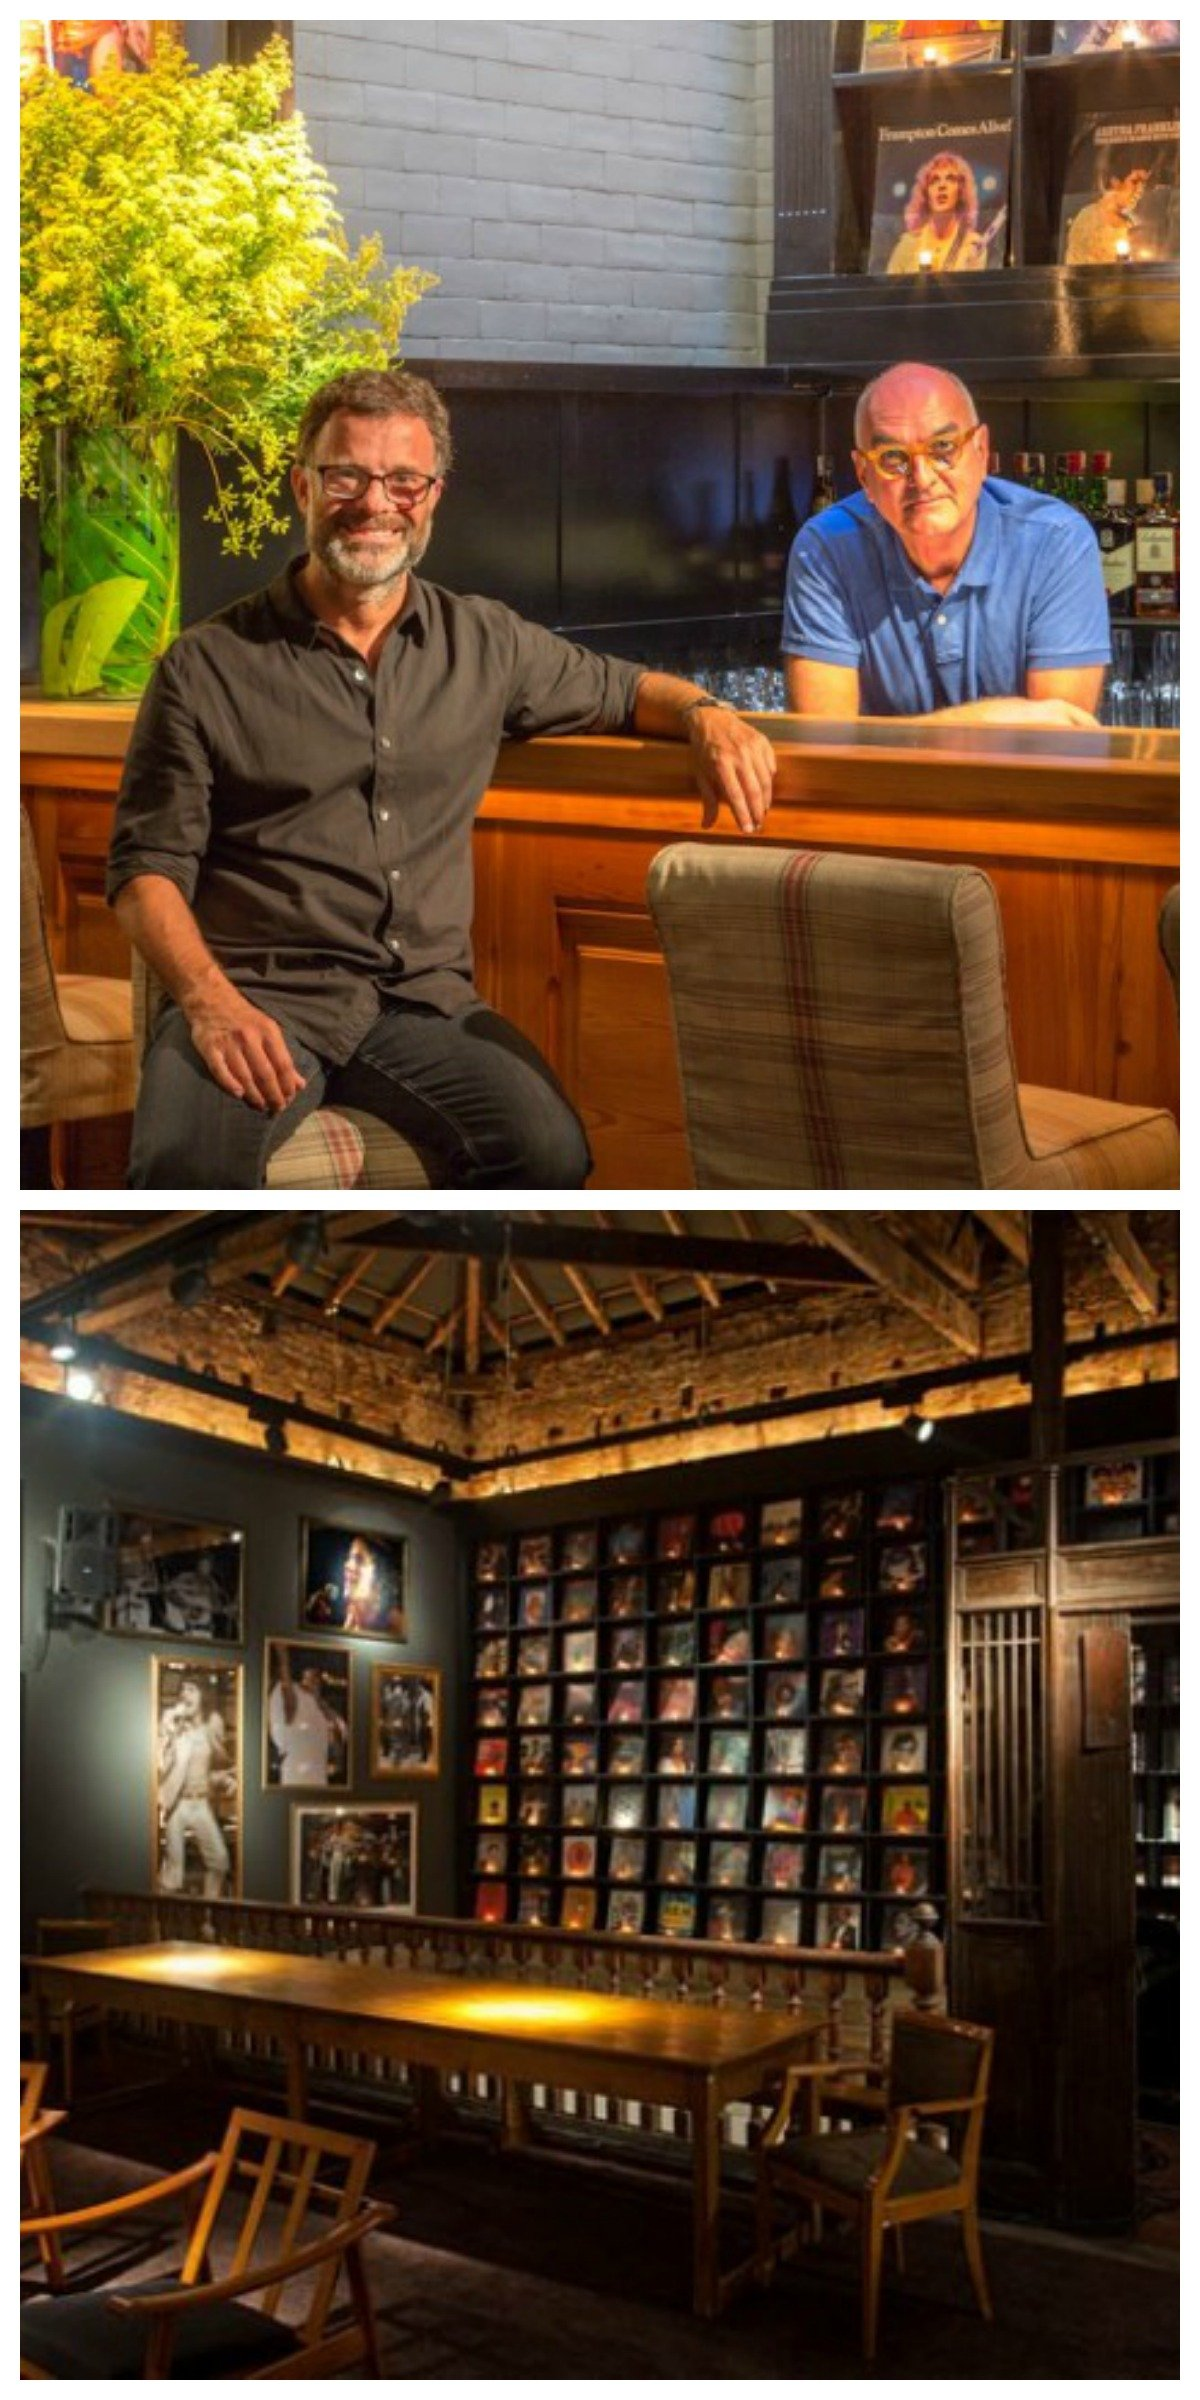 No alto, Roberto Figueiredo e Luiz Eduardo Almeida na casa que abre nesta quinta-feira, em Ipanema; acima, o bar que foi point no Casa Cor 2012, com 154 capas de lps nas paredes / Fotos: divulgação